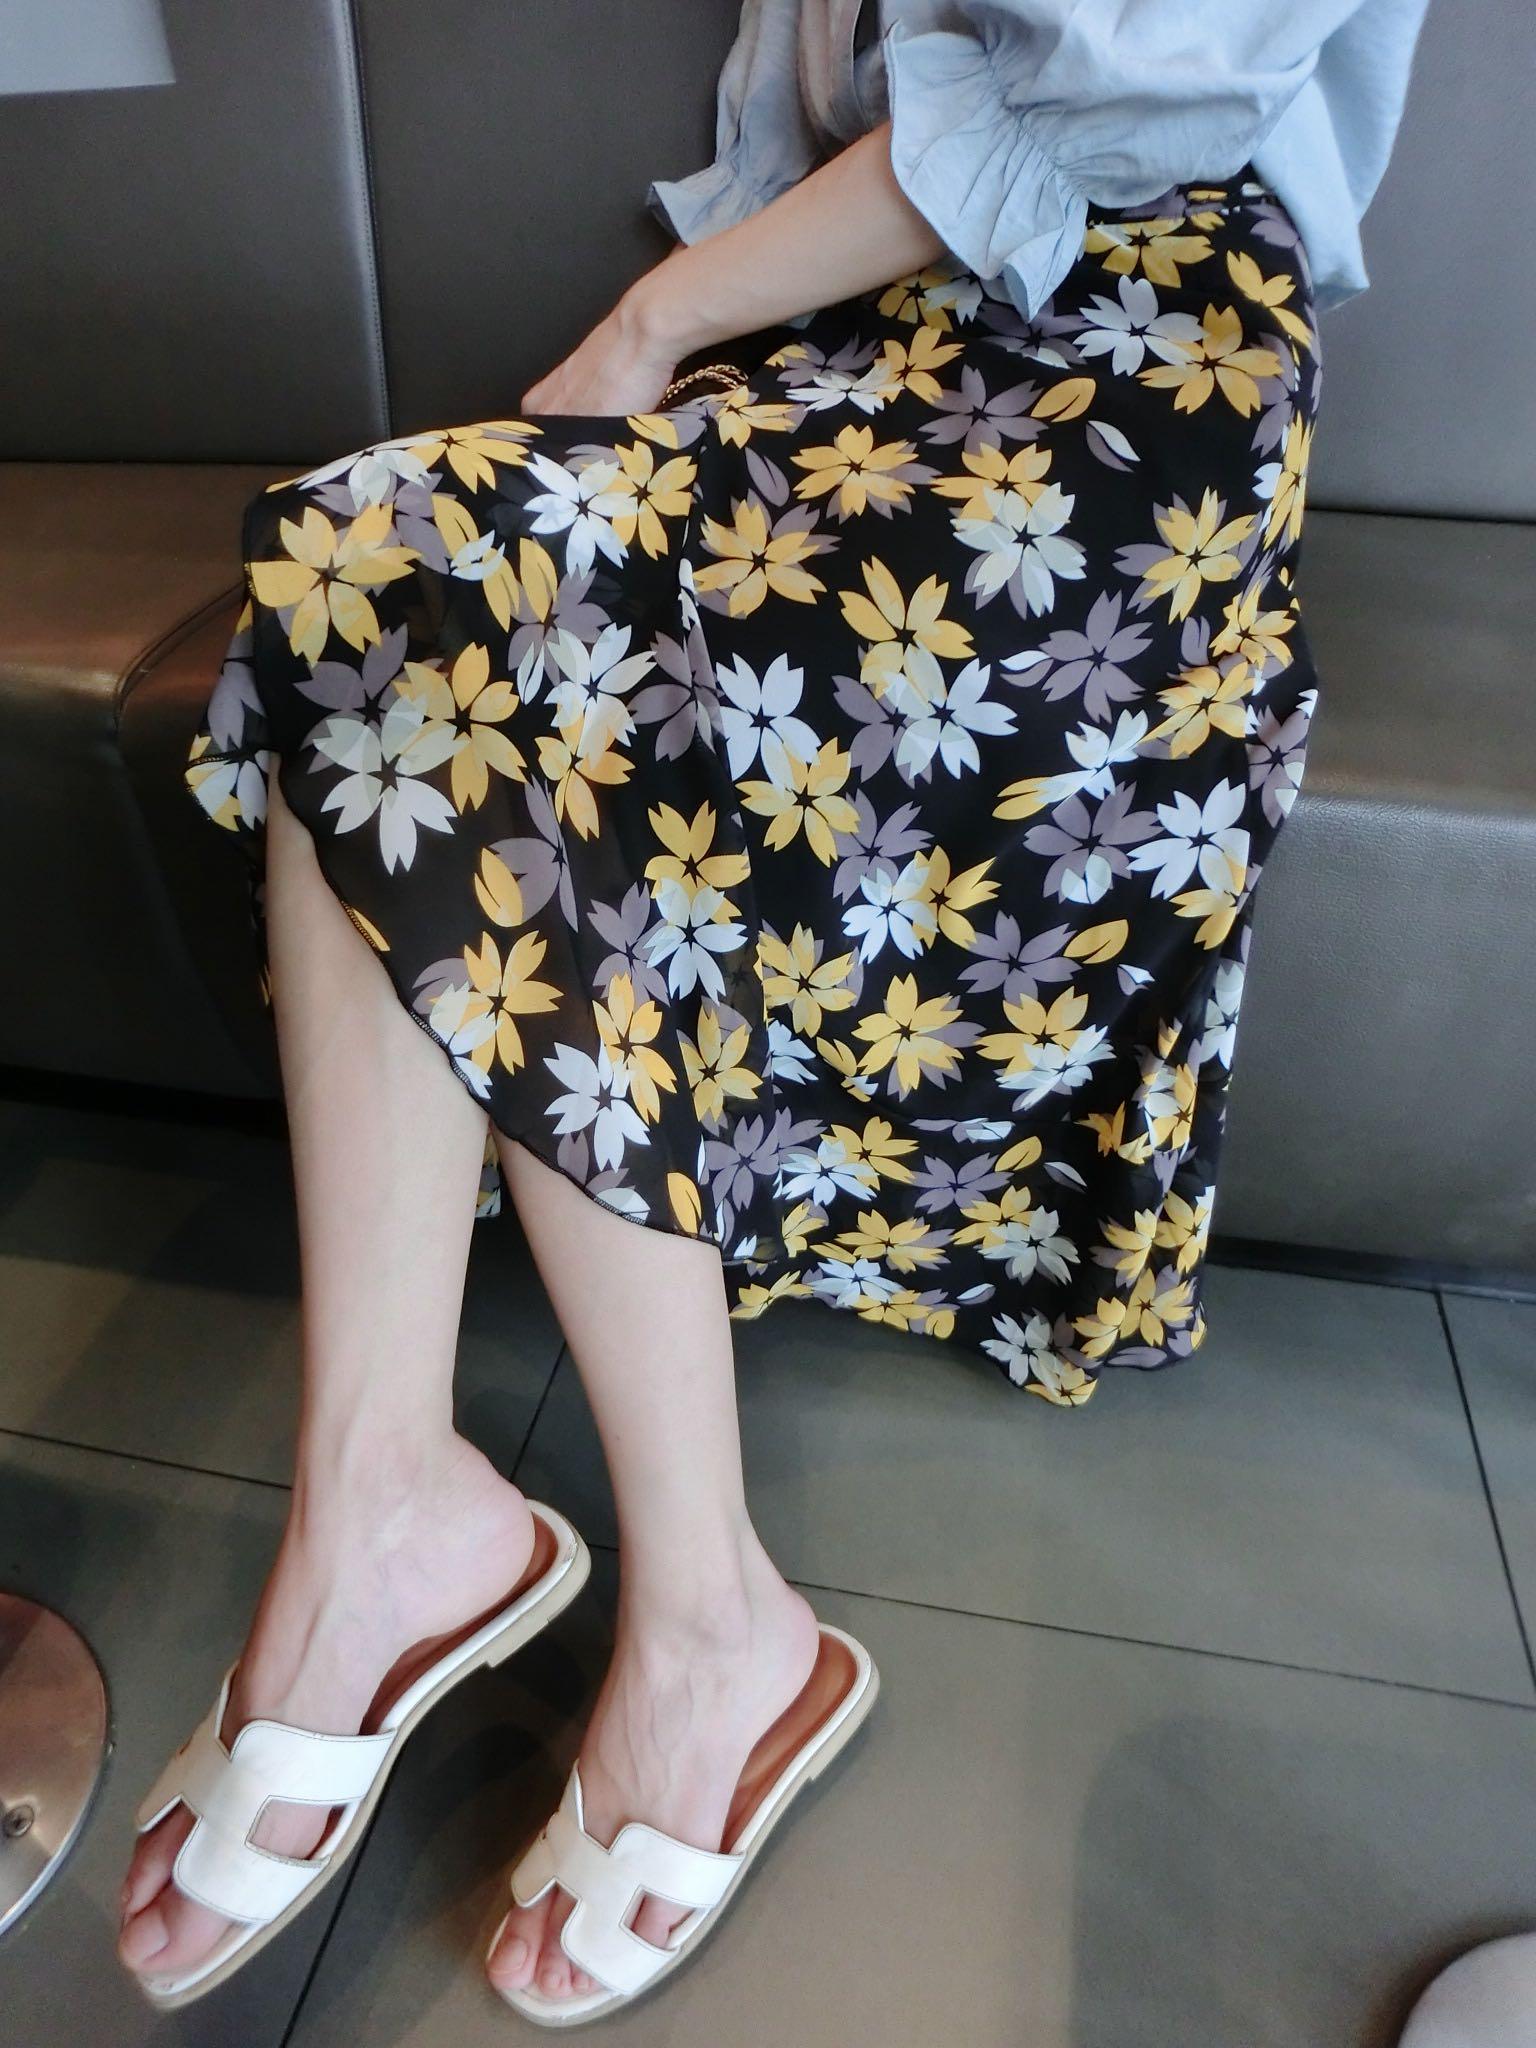 粉红色半身裙 4.22【MAOMAO定制】韩国东大门绑带式碎花裙气质优雅不规则半身裙_推荐淘宝好看的粉红色半身裙